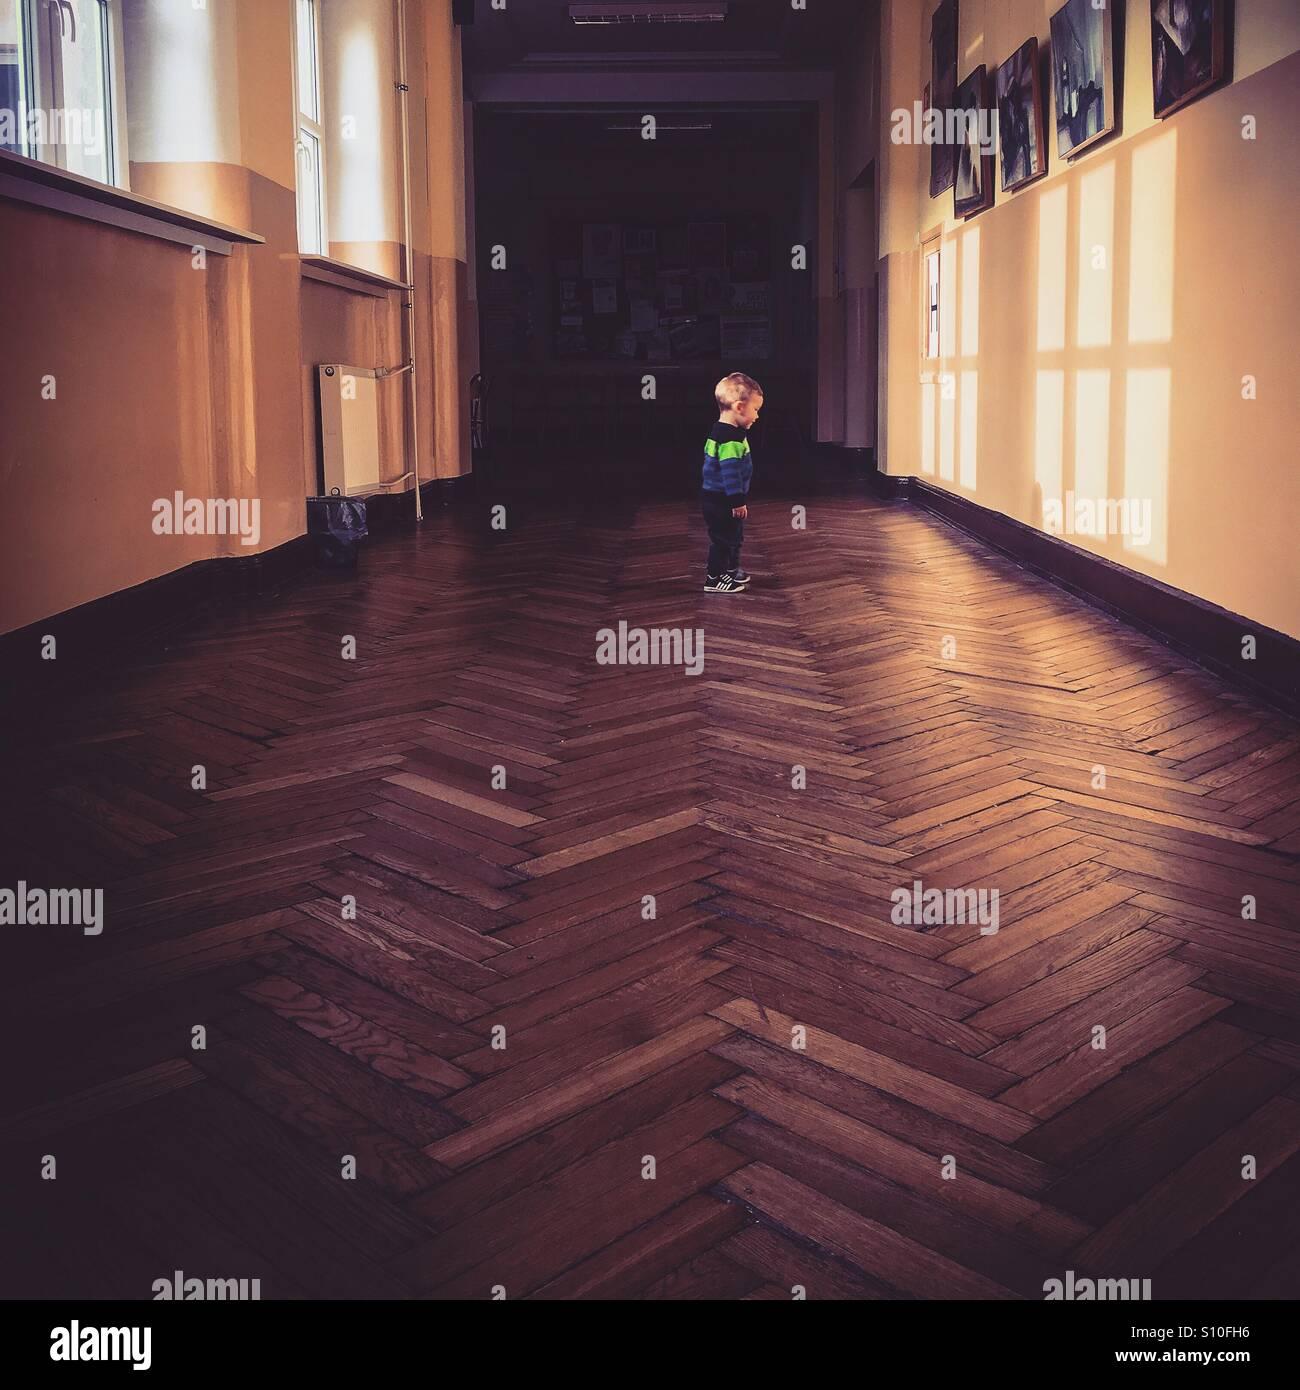 Bébé garçon debout dans un long couloir de l'école à l'ombre à Banque D'Images